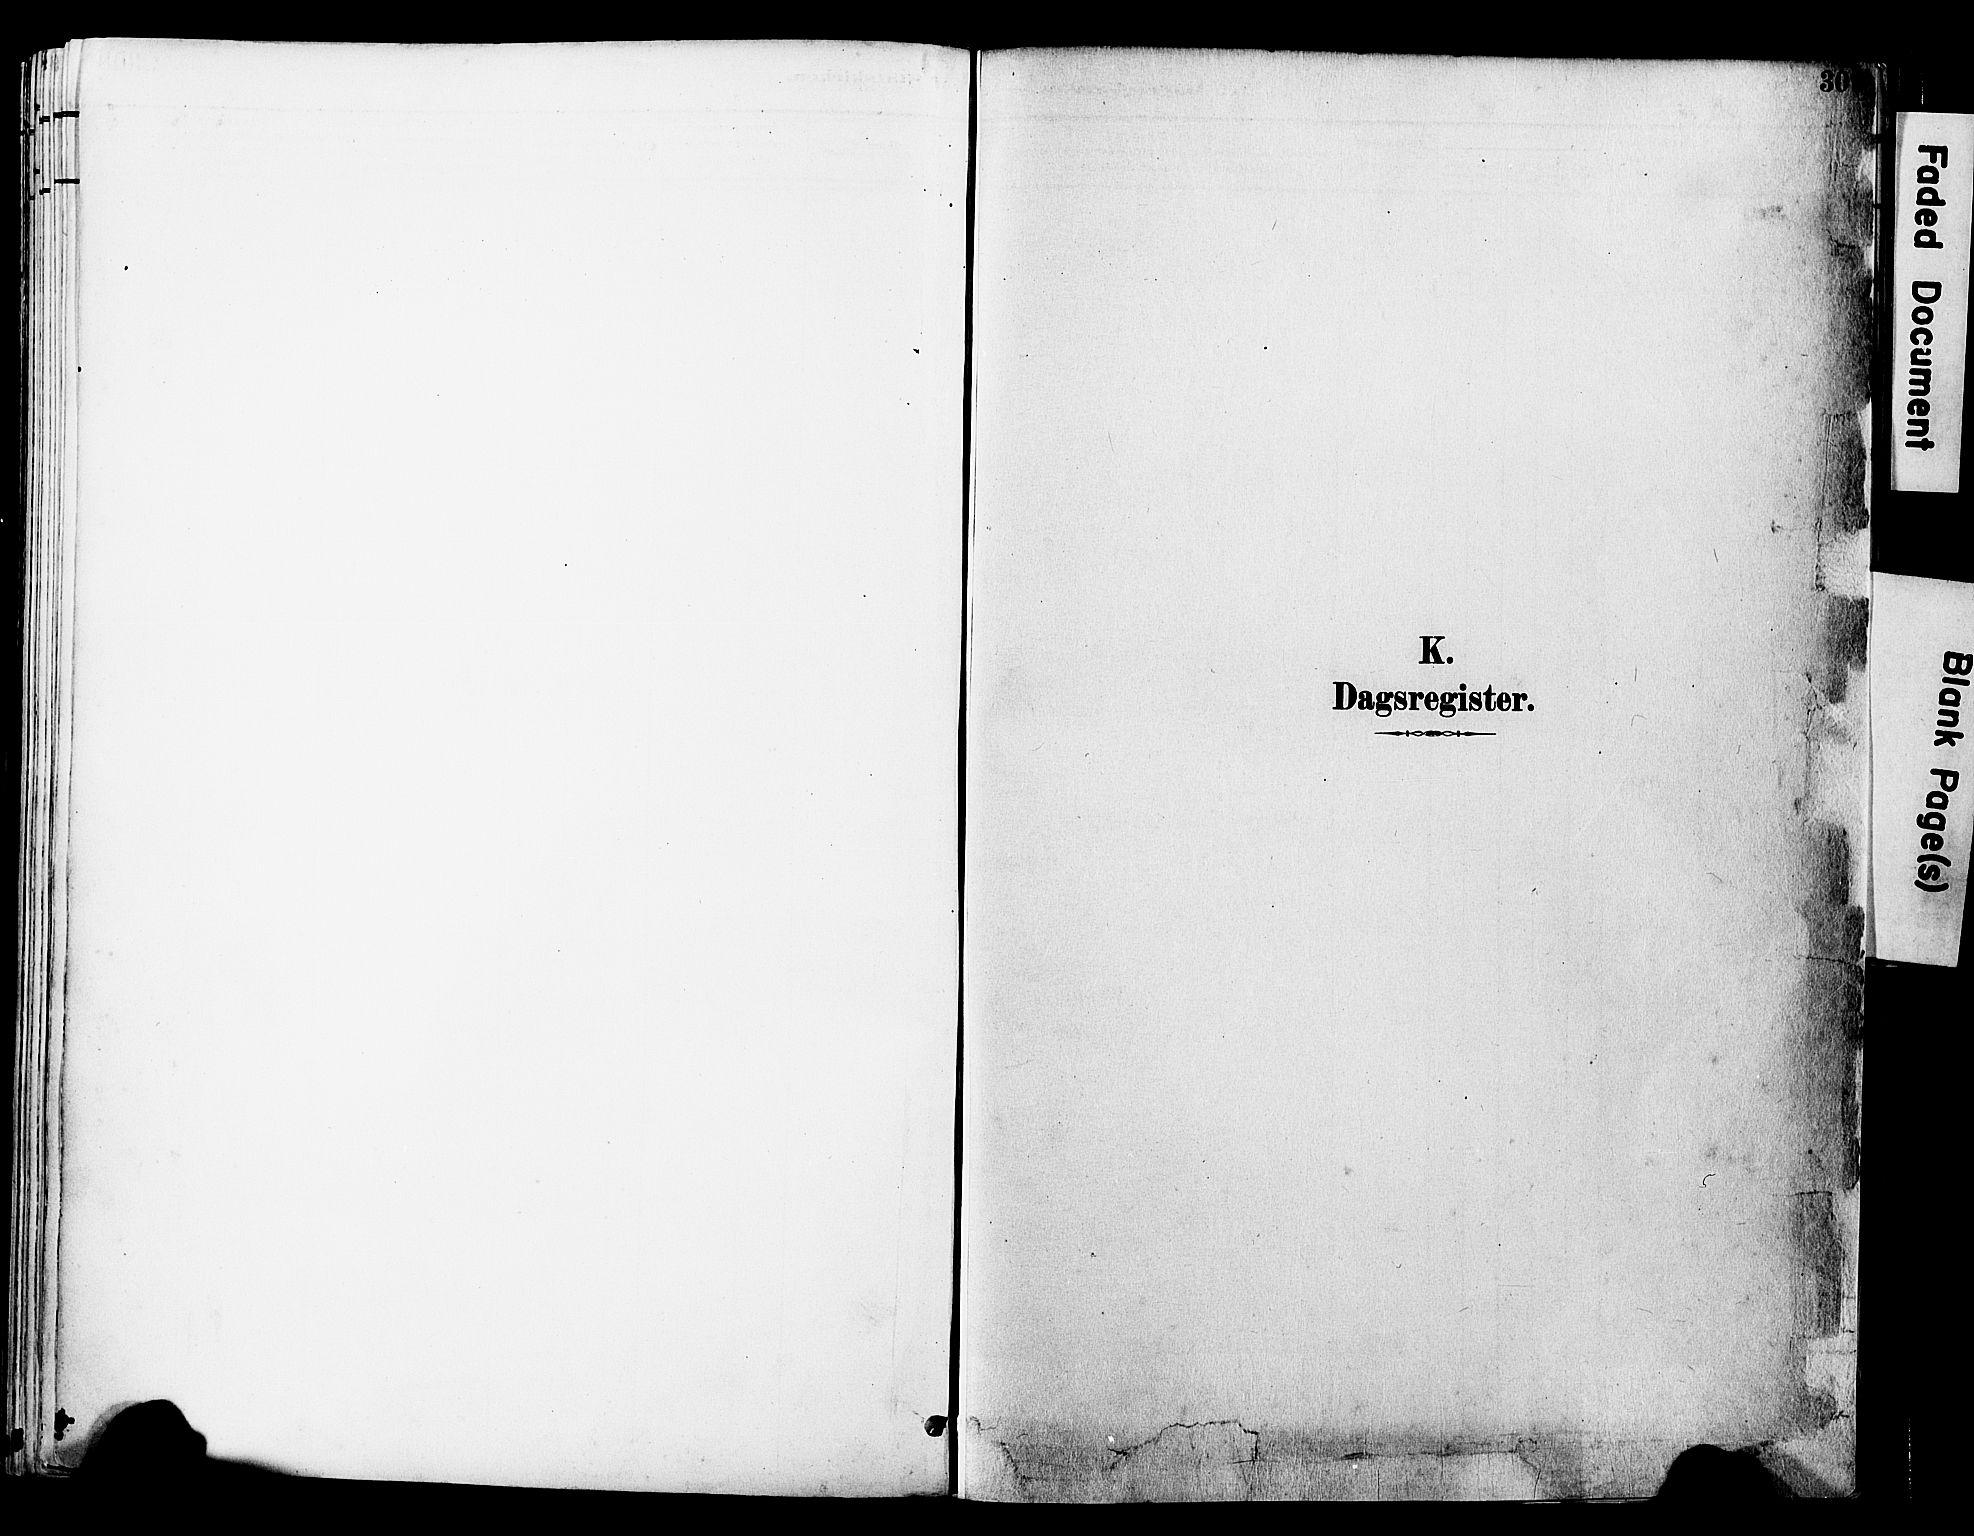 SAT, Ministerialprotokoller, klokkerbøker og fødselsregistre - Nord-Trøndelag, 774/L0628: Ministerialbok nr. 774A02, 1887-1903, s. 309